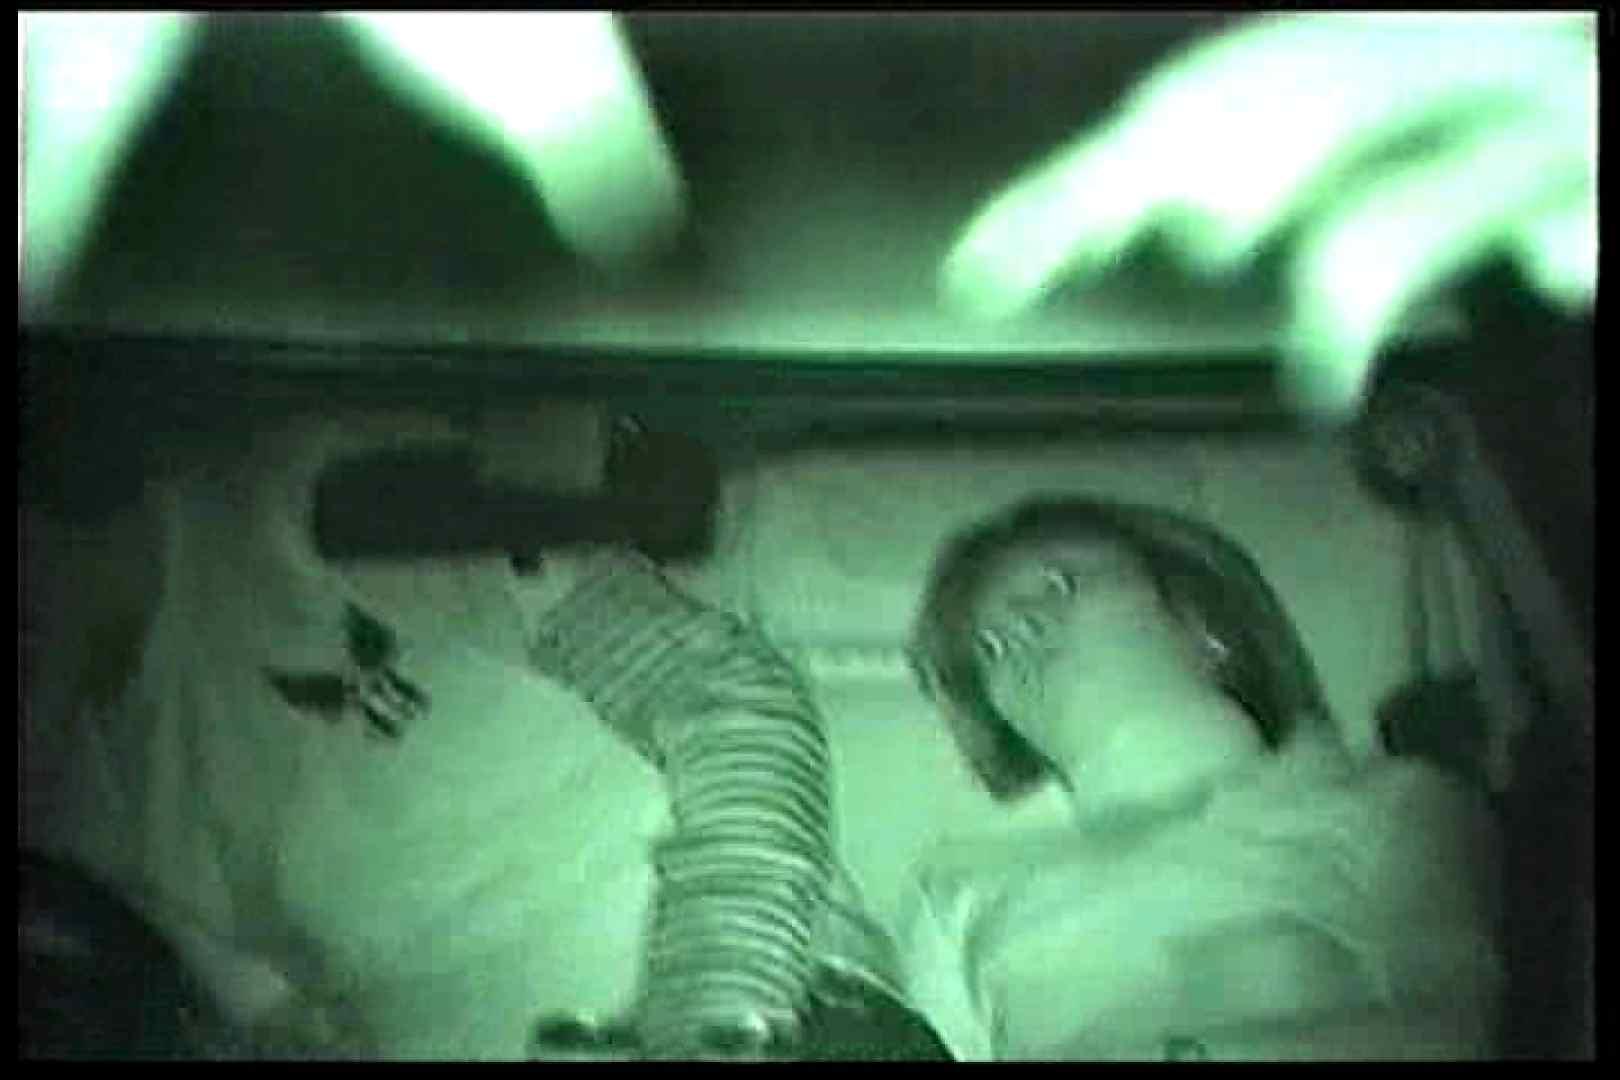 車の中はラブホテル 無修正版  Vol.11 ラブホテル AV動画キャプチャ 86画像 7